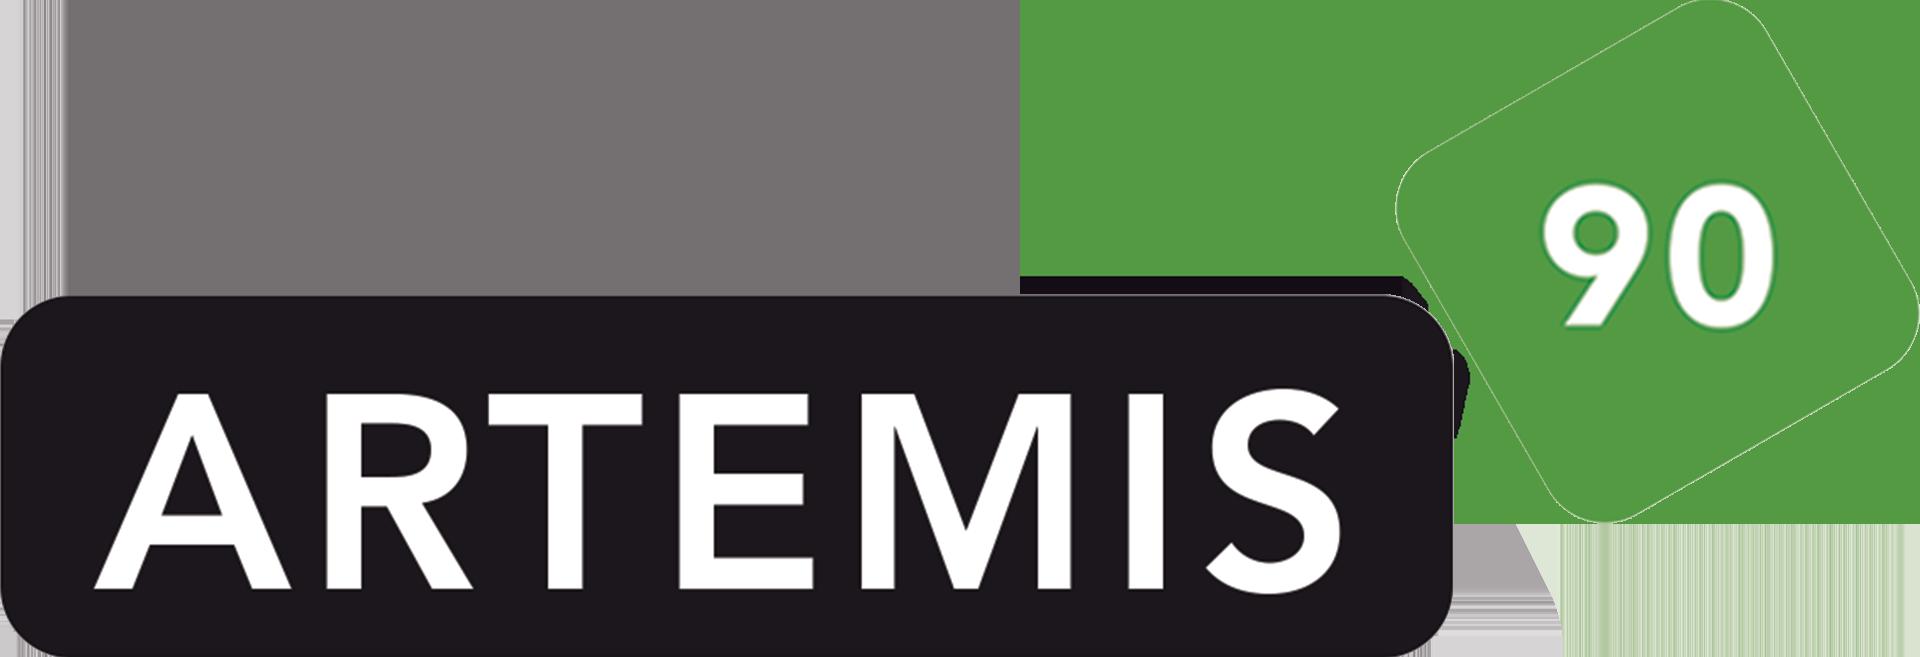 Artemis 90 Logo